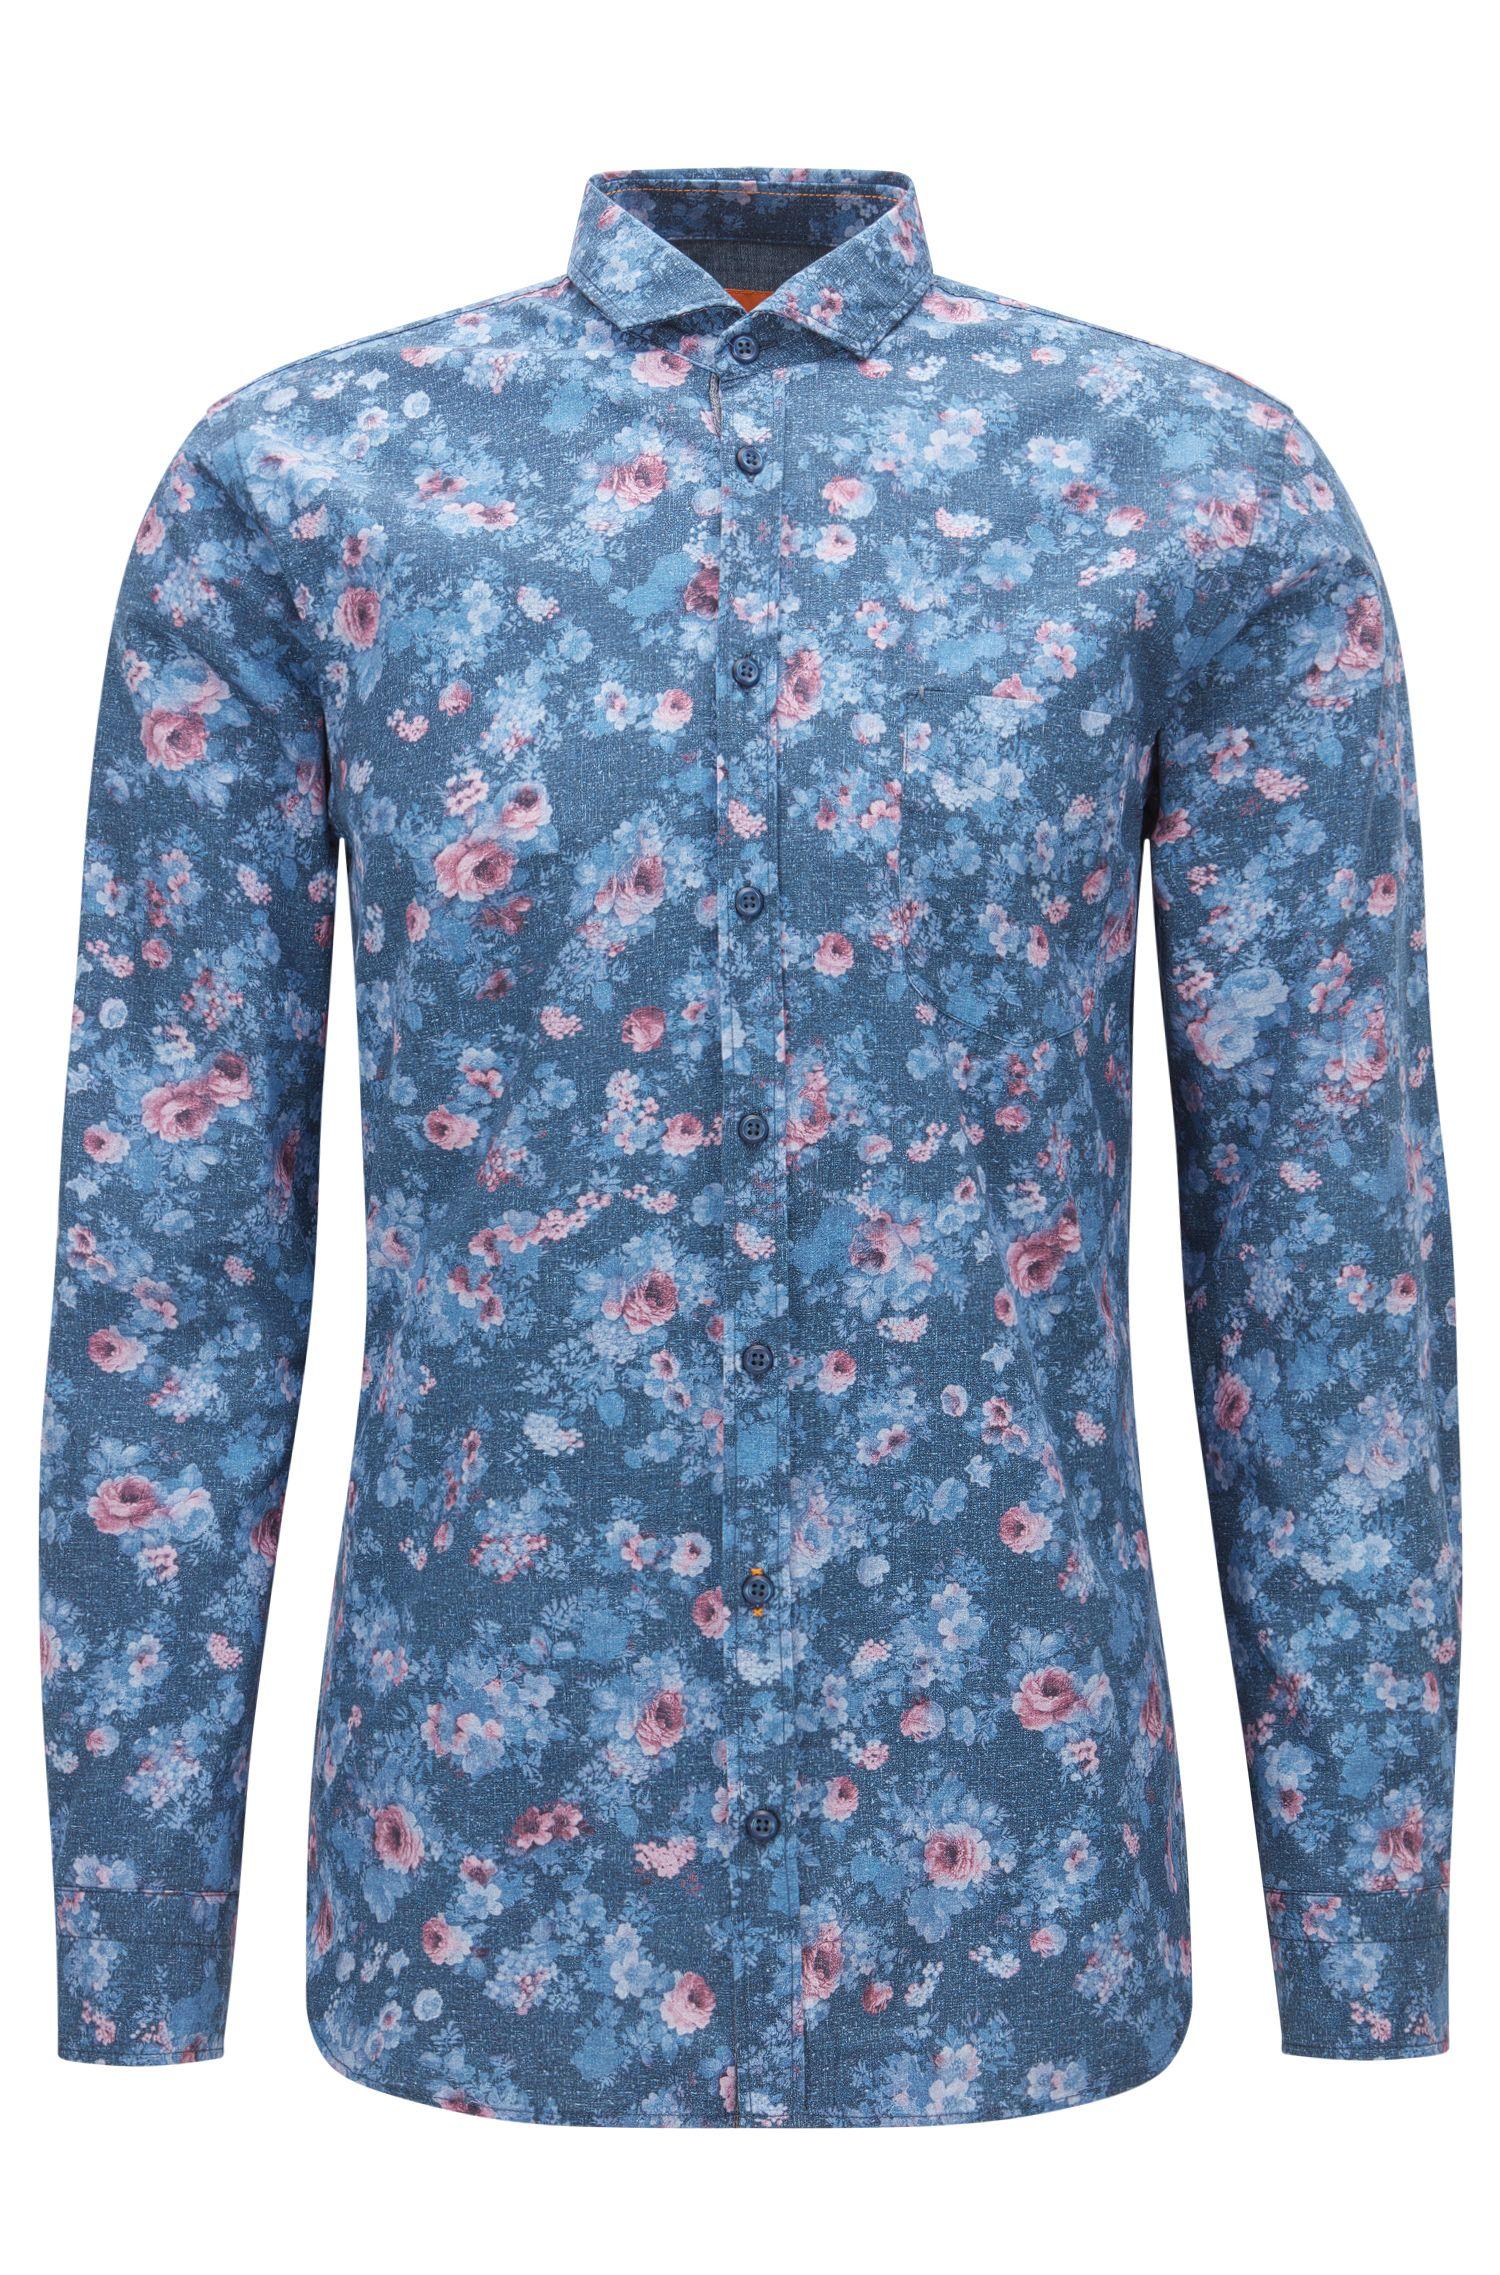 Bedrucktes Slim-Fit Hemd aus Baumwoll-Popeline